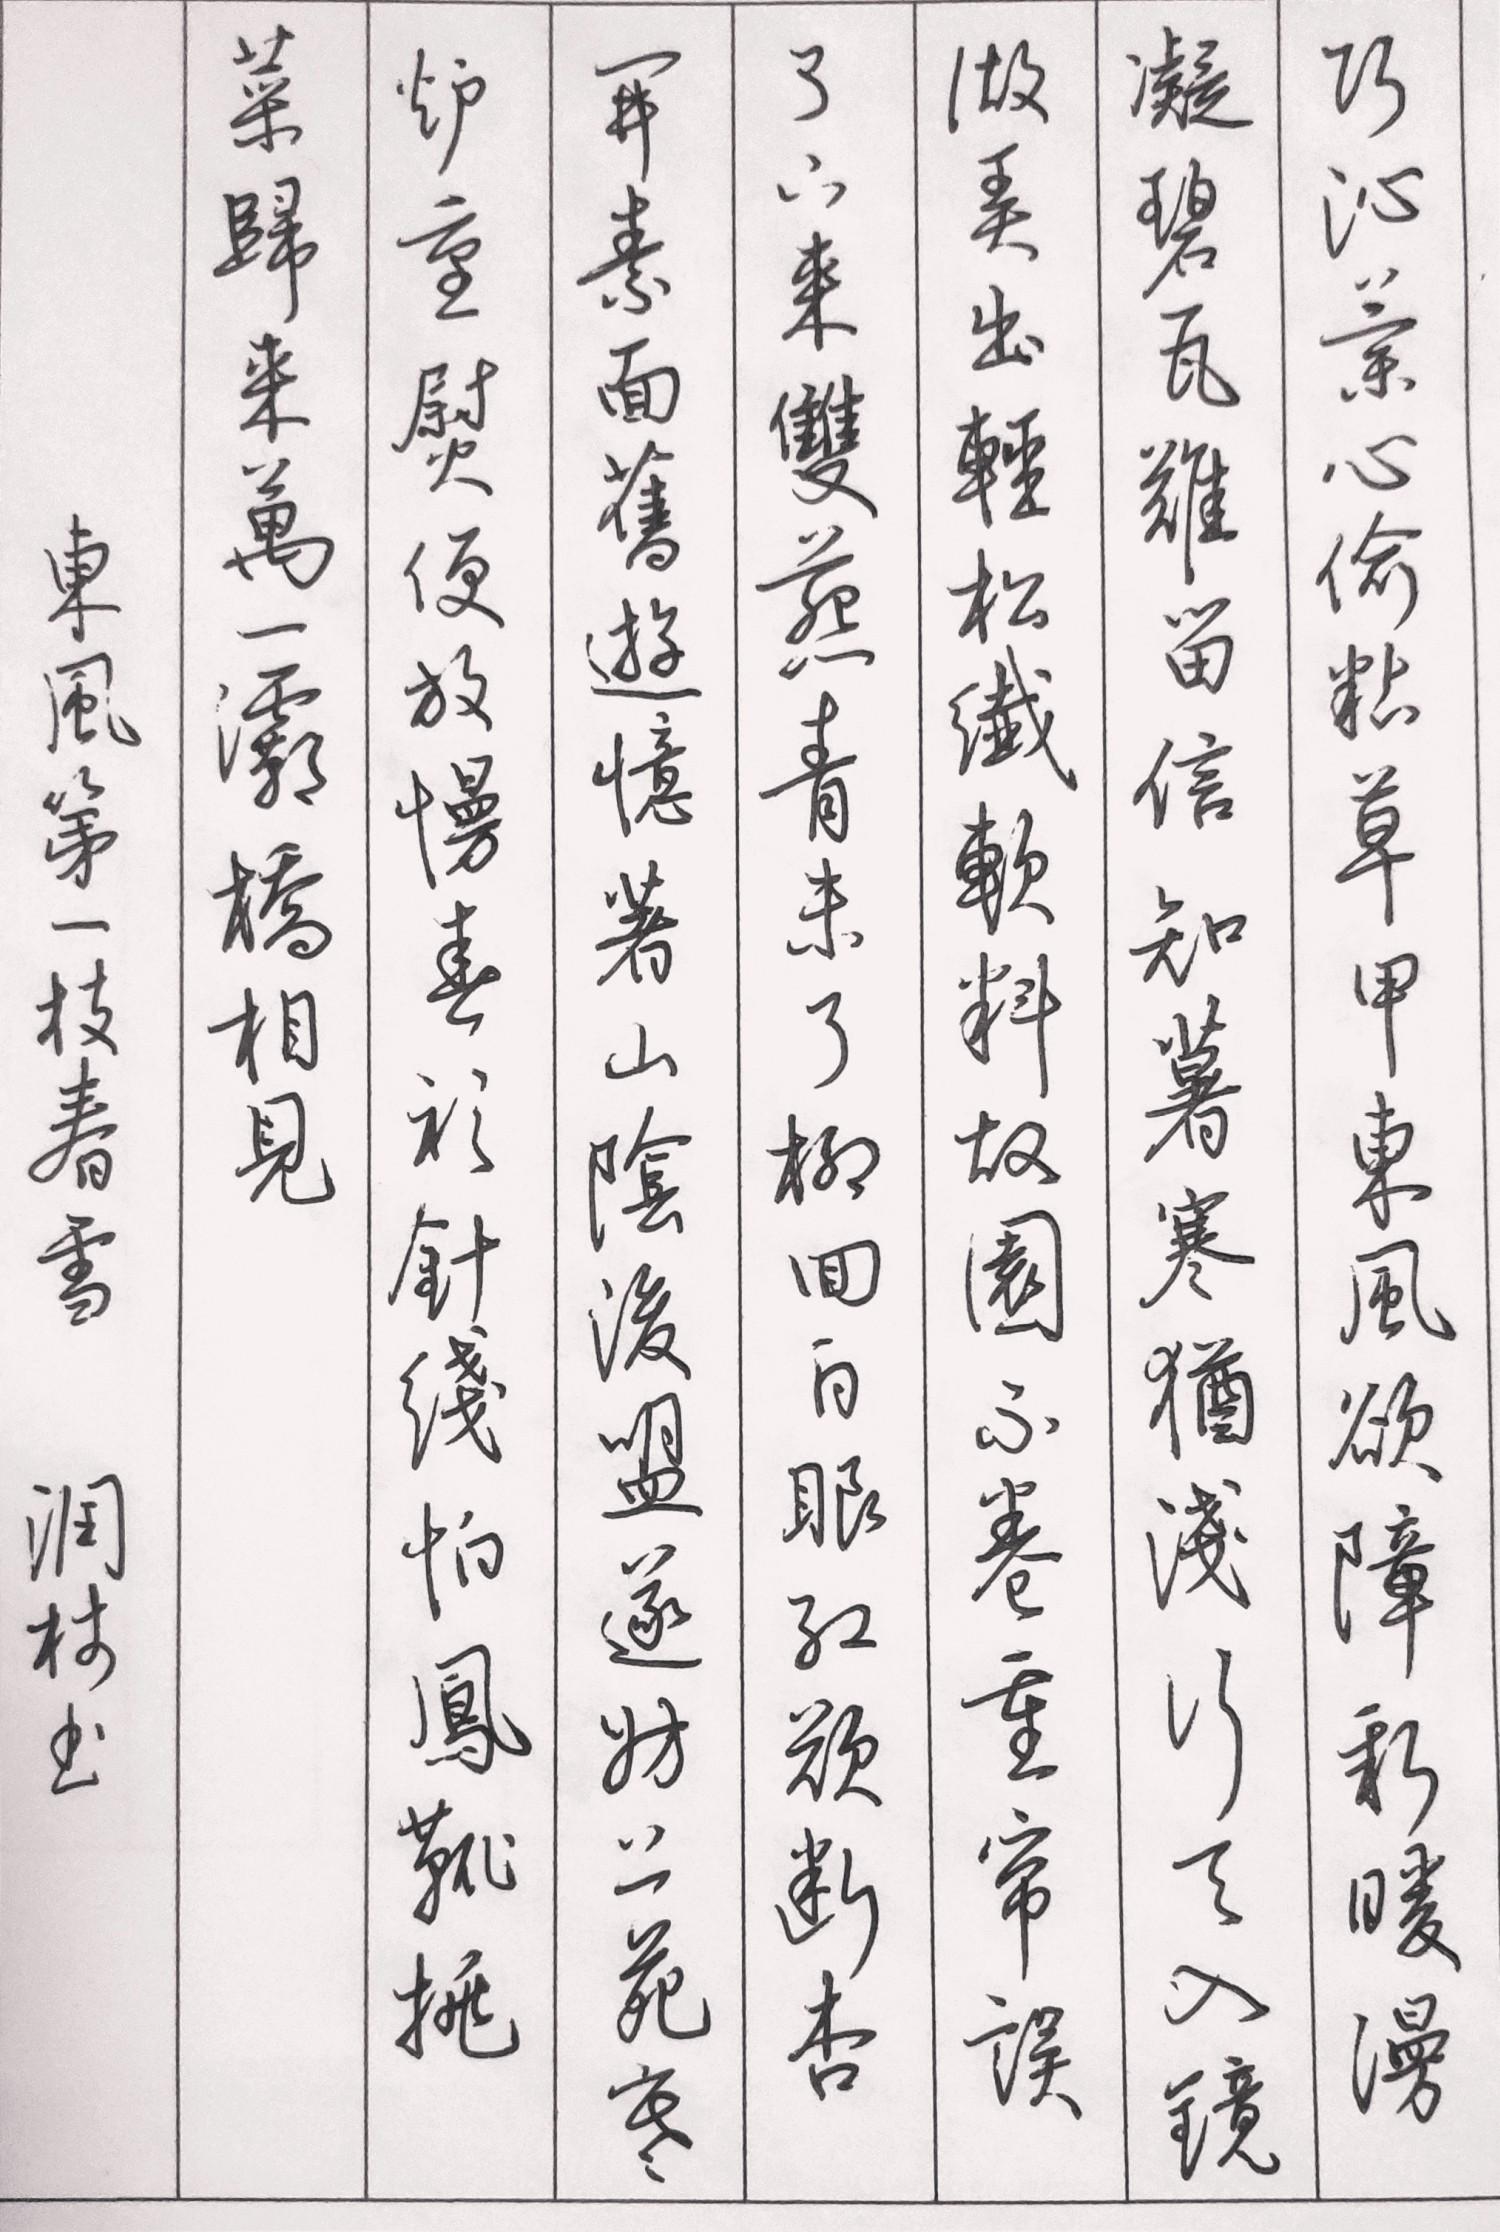 钢笔书法练字打卡20210511-03